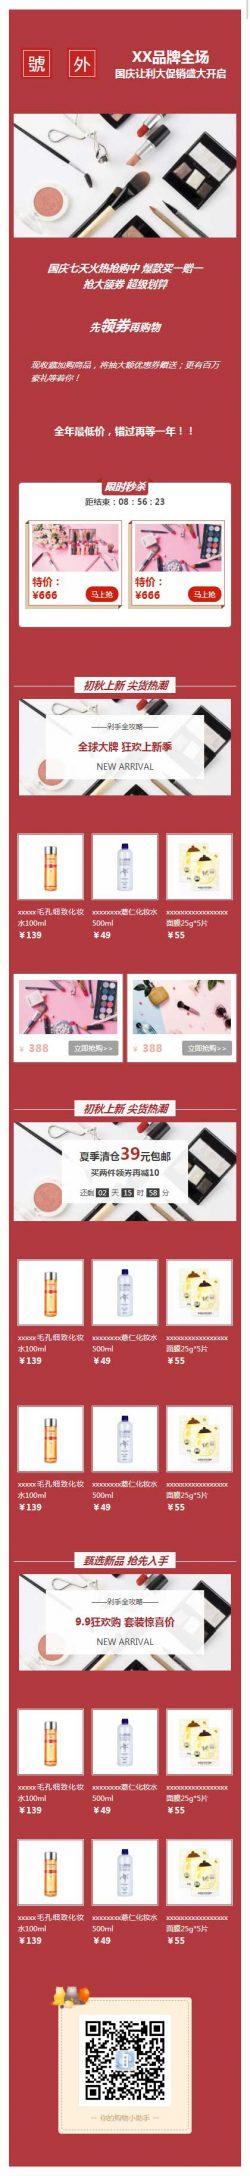 品牌全场国庆节双十一光棍节让利大促销电商微商模板